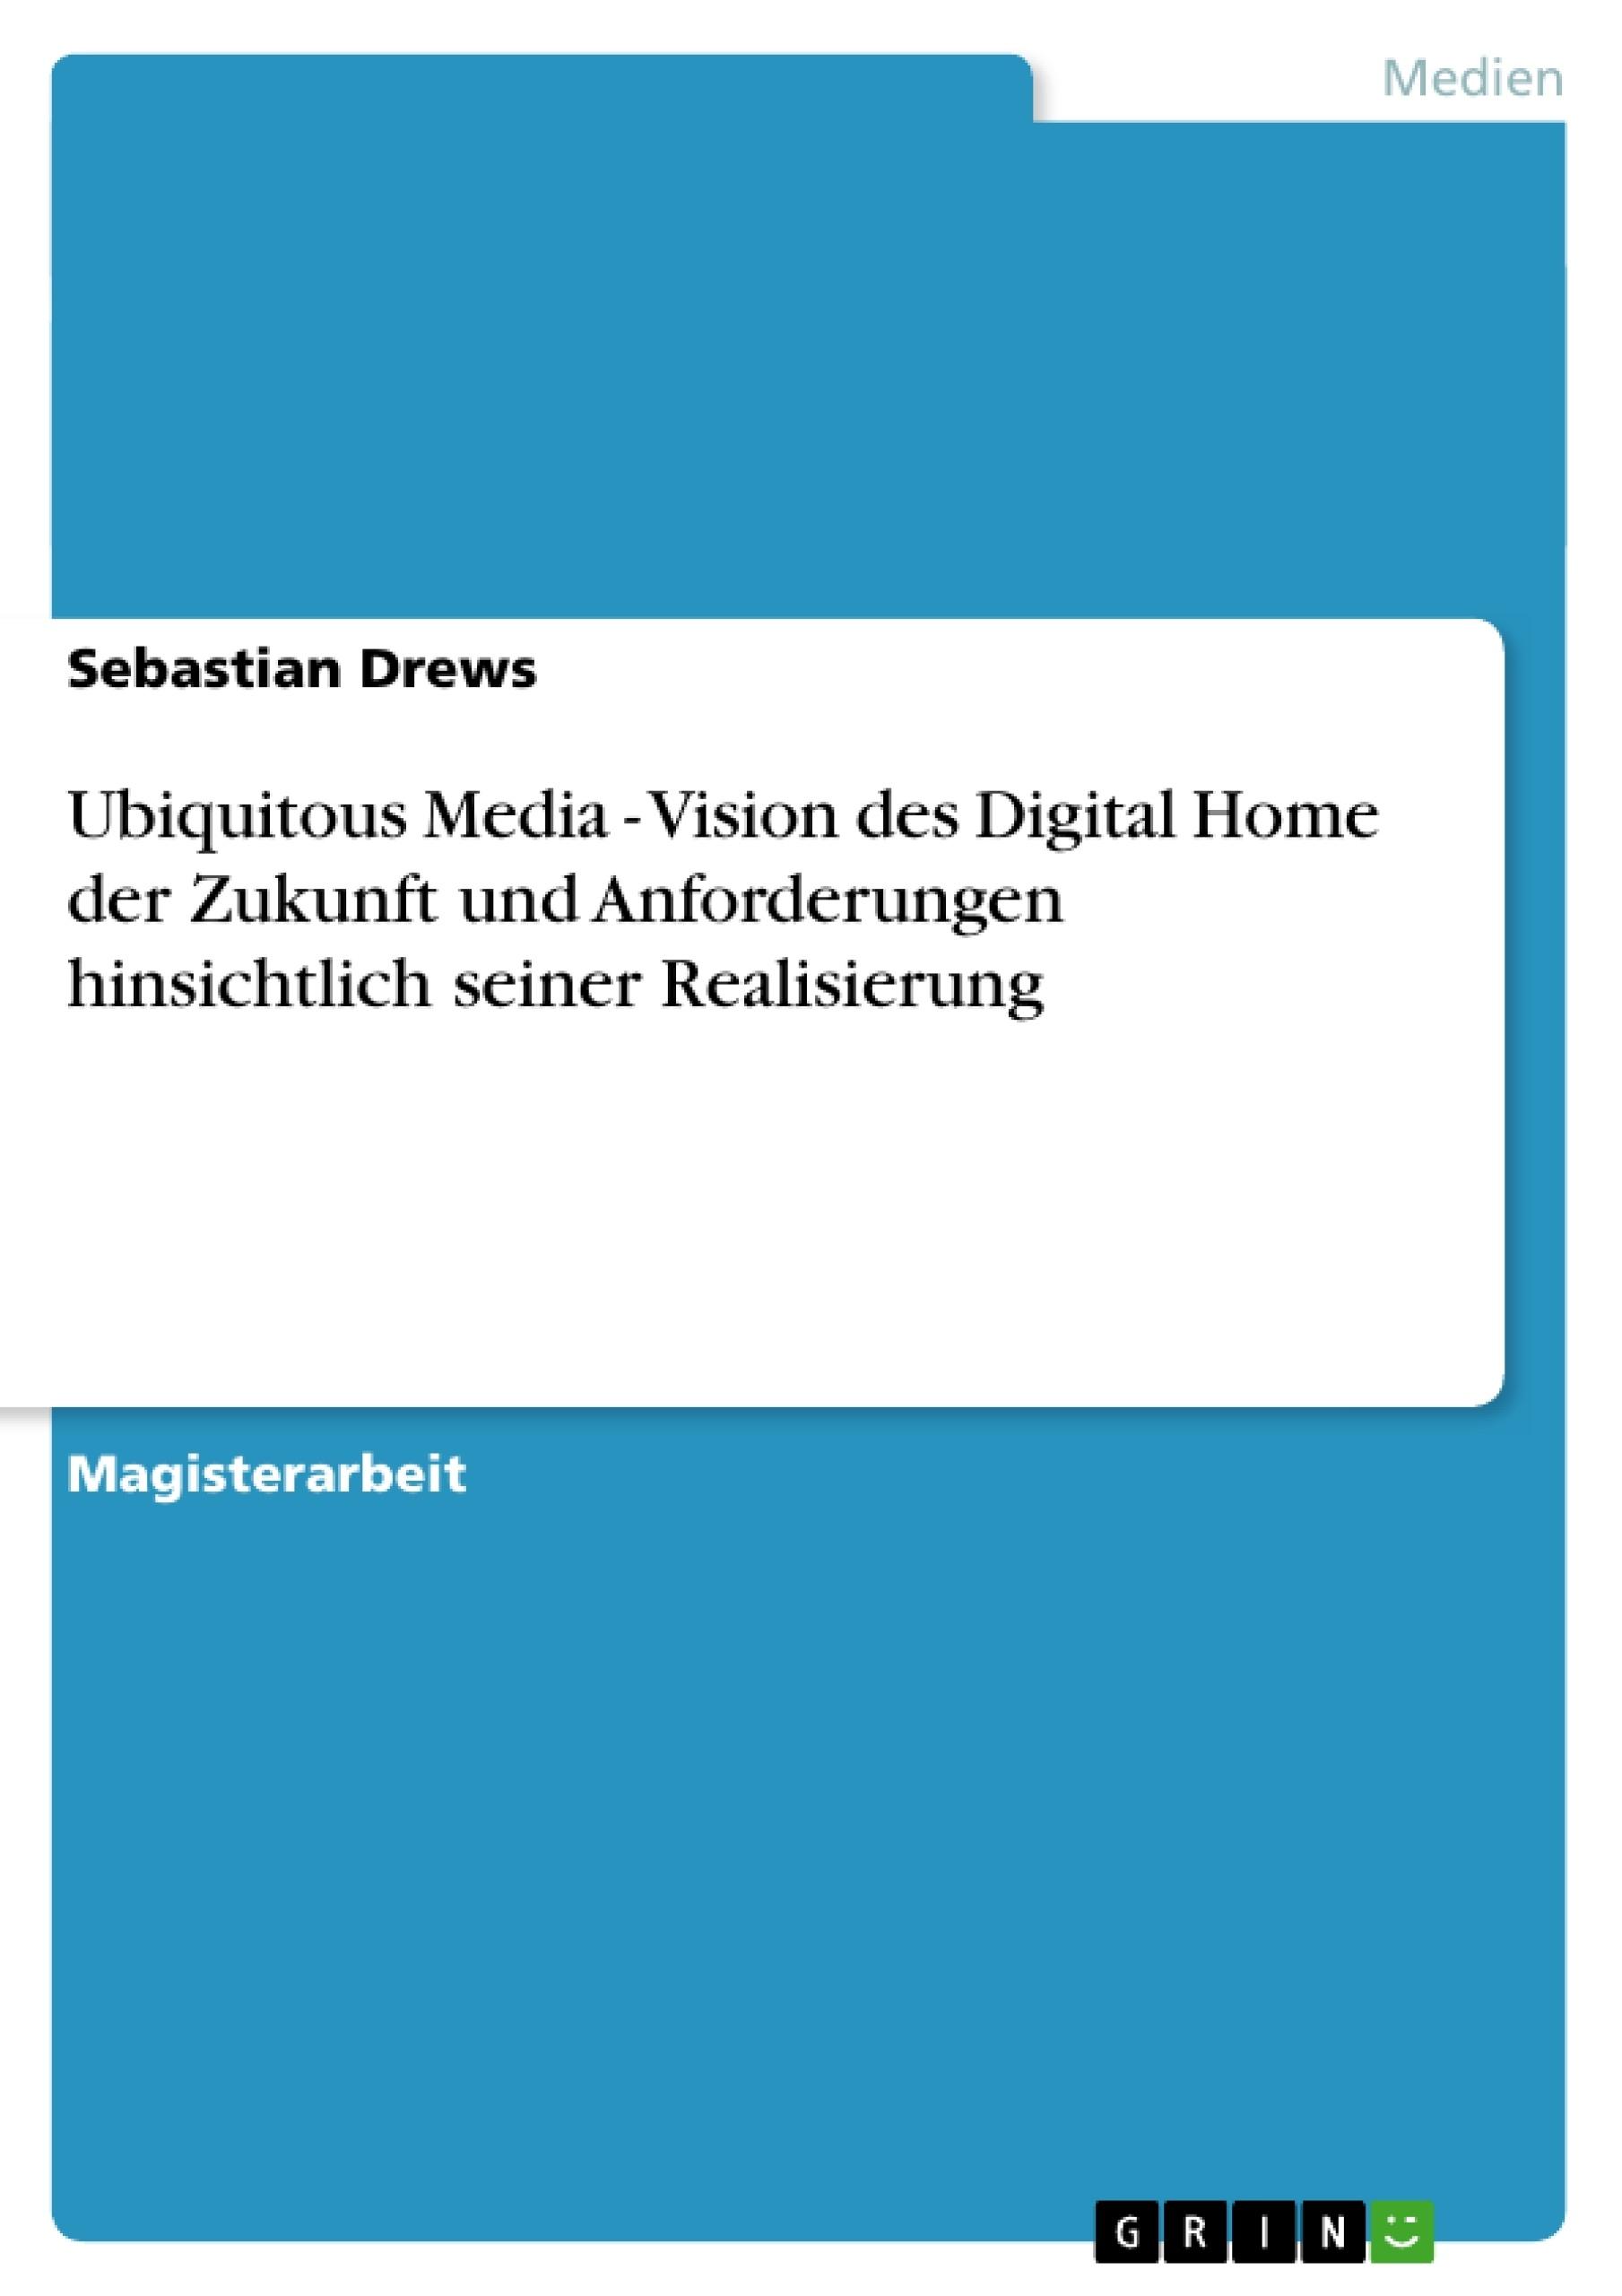 Titel: Ubiquitous Media - Vision des Digital Home der Zukunft und Anforderungen hinsichtlich seiner Realisierung